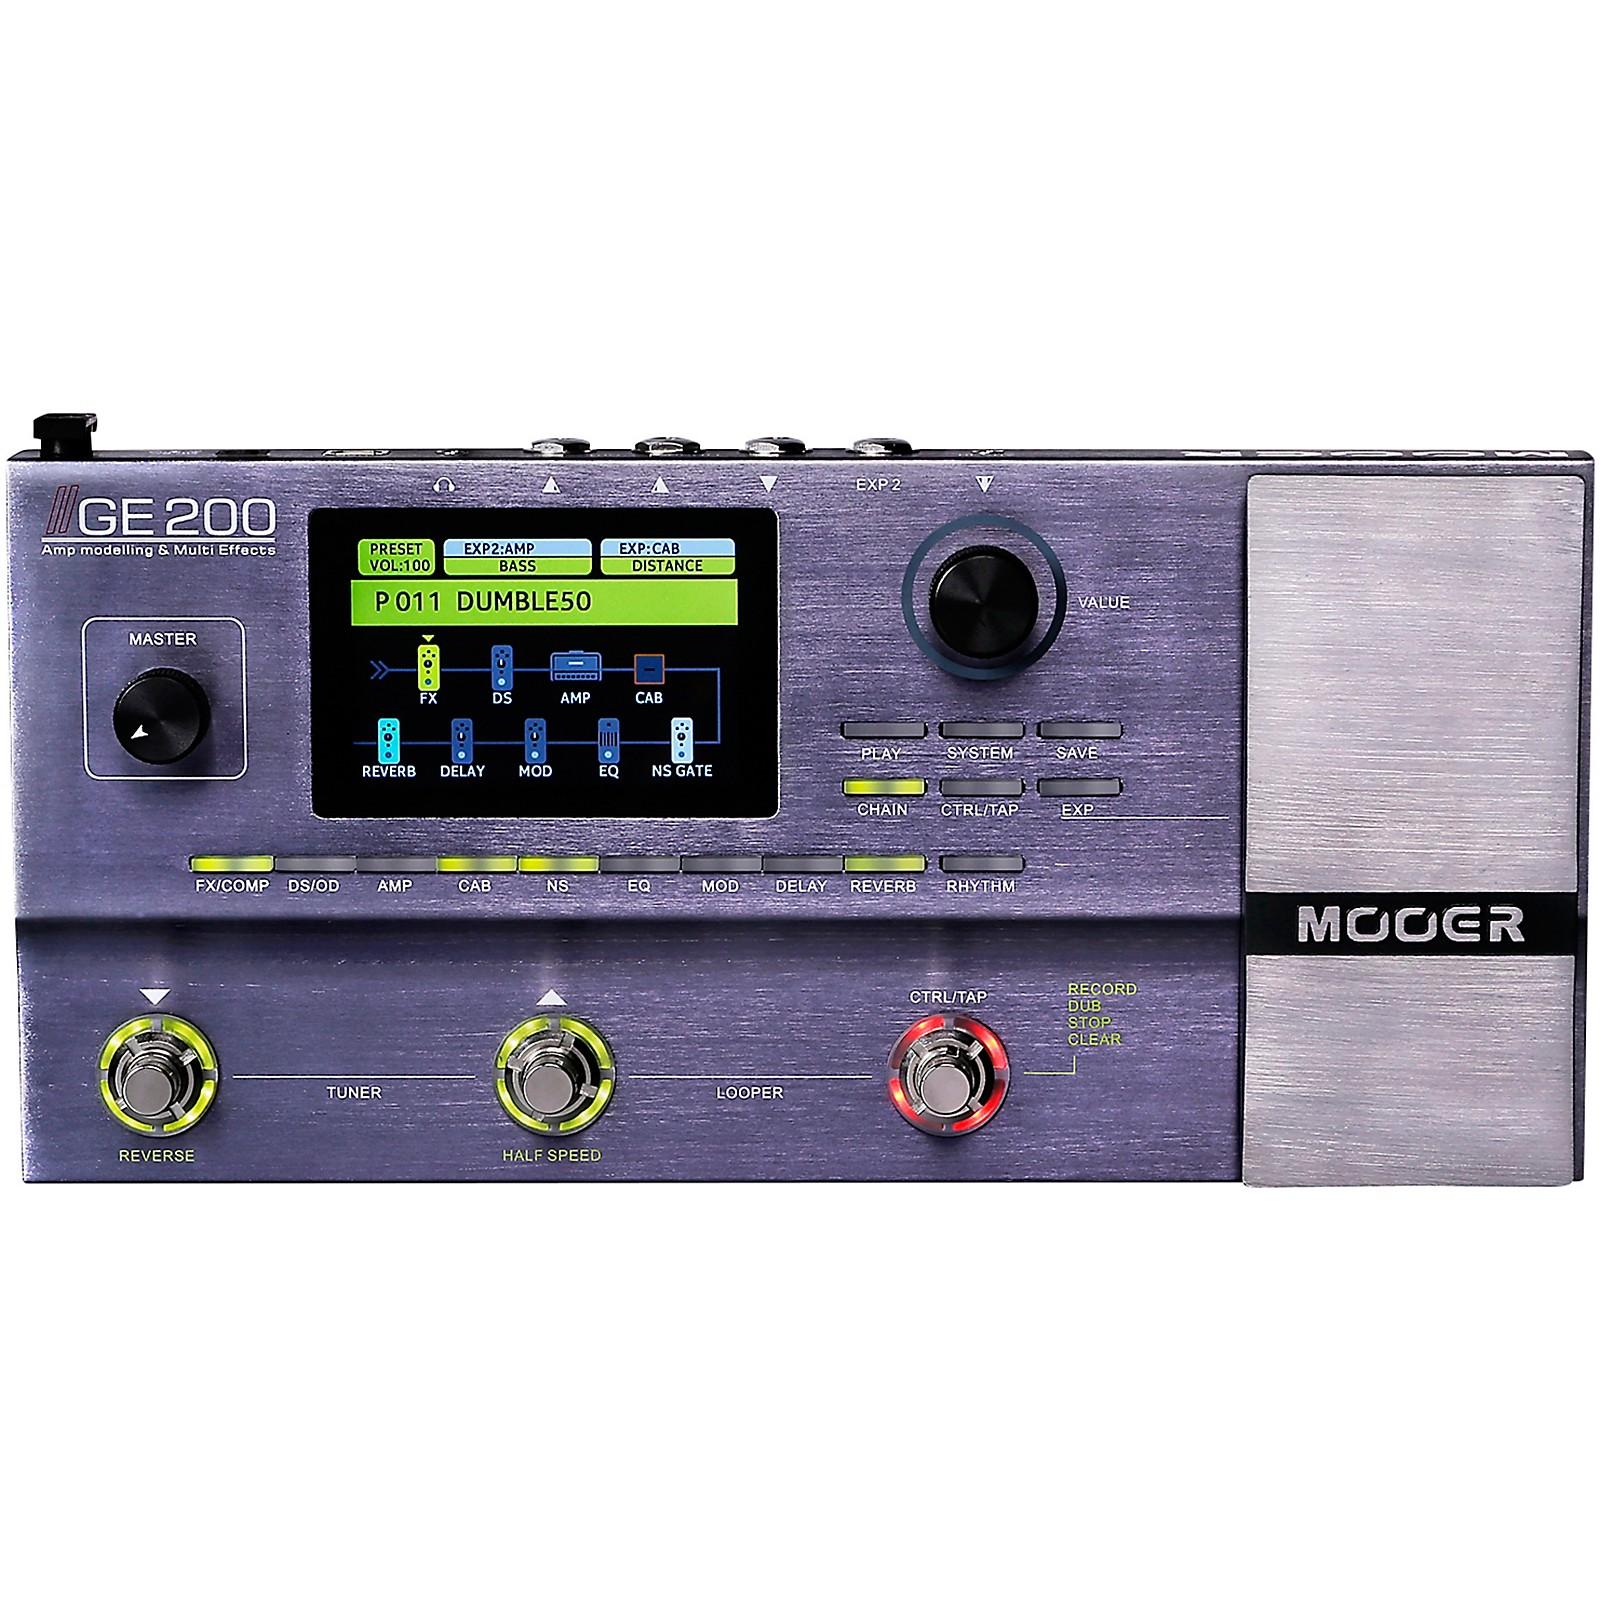 Mooer GE200 Multi-Effects Processor